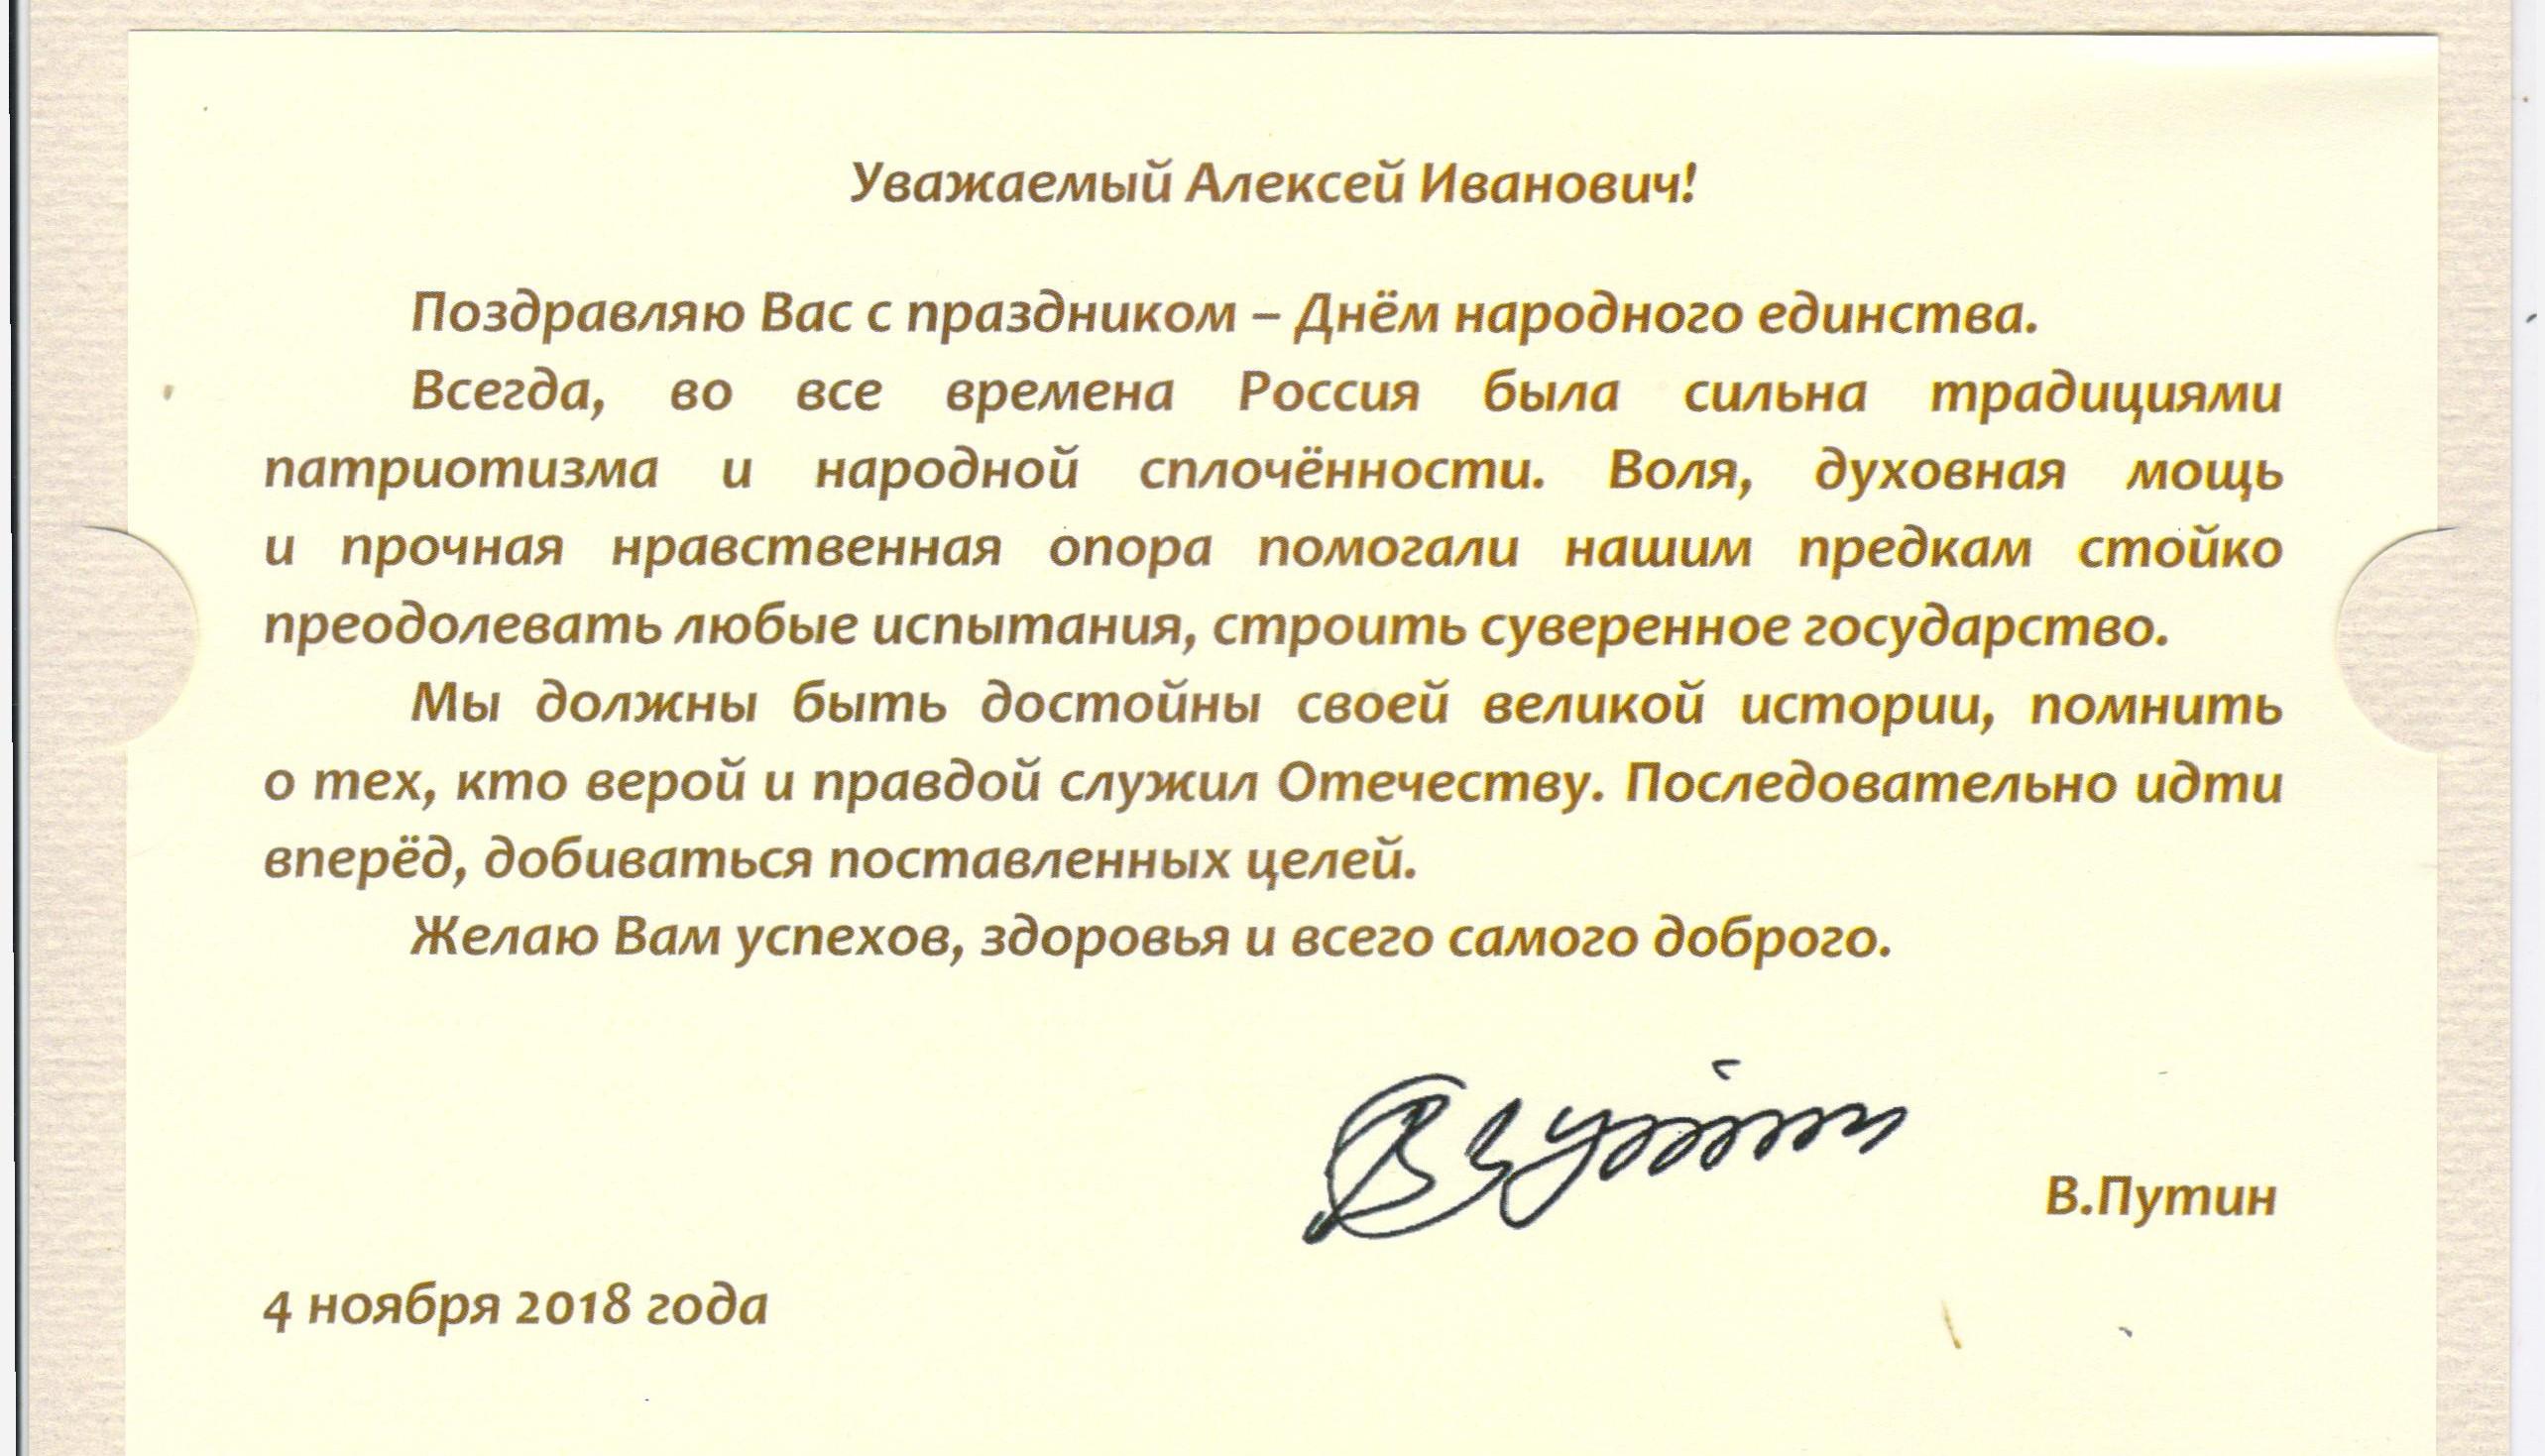 Поздравление губернатору с днем рождения от коллектива